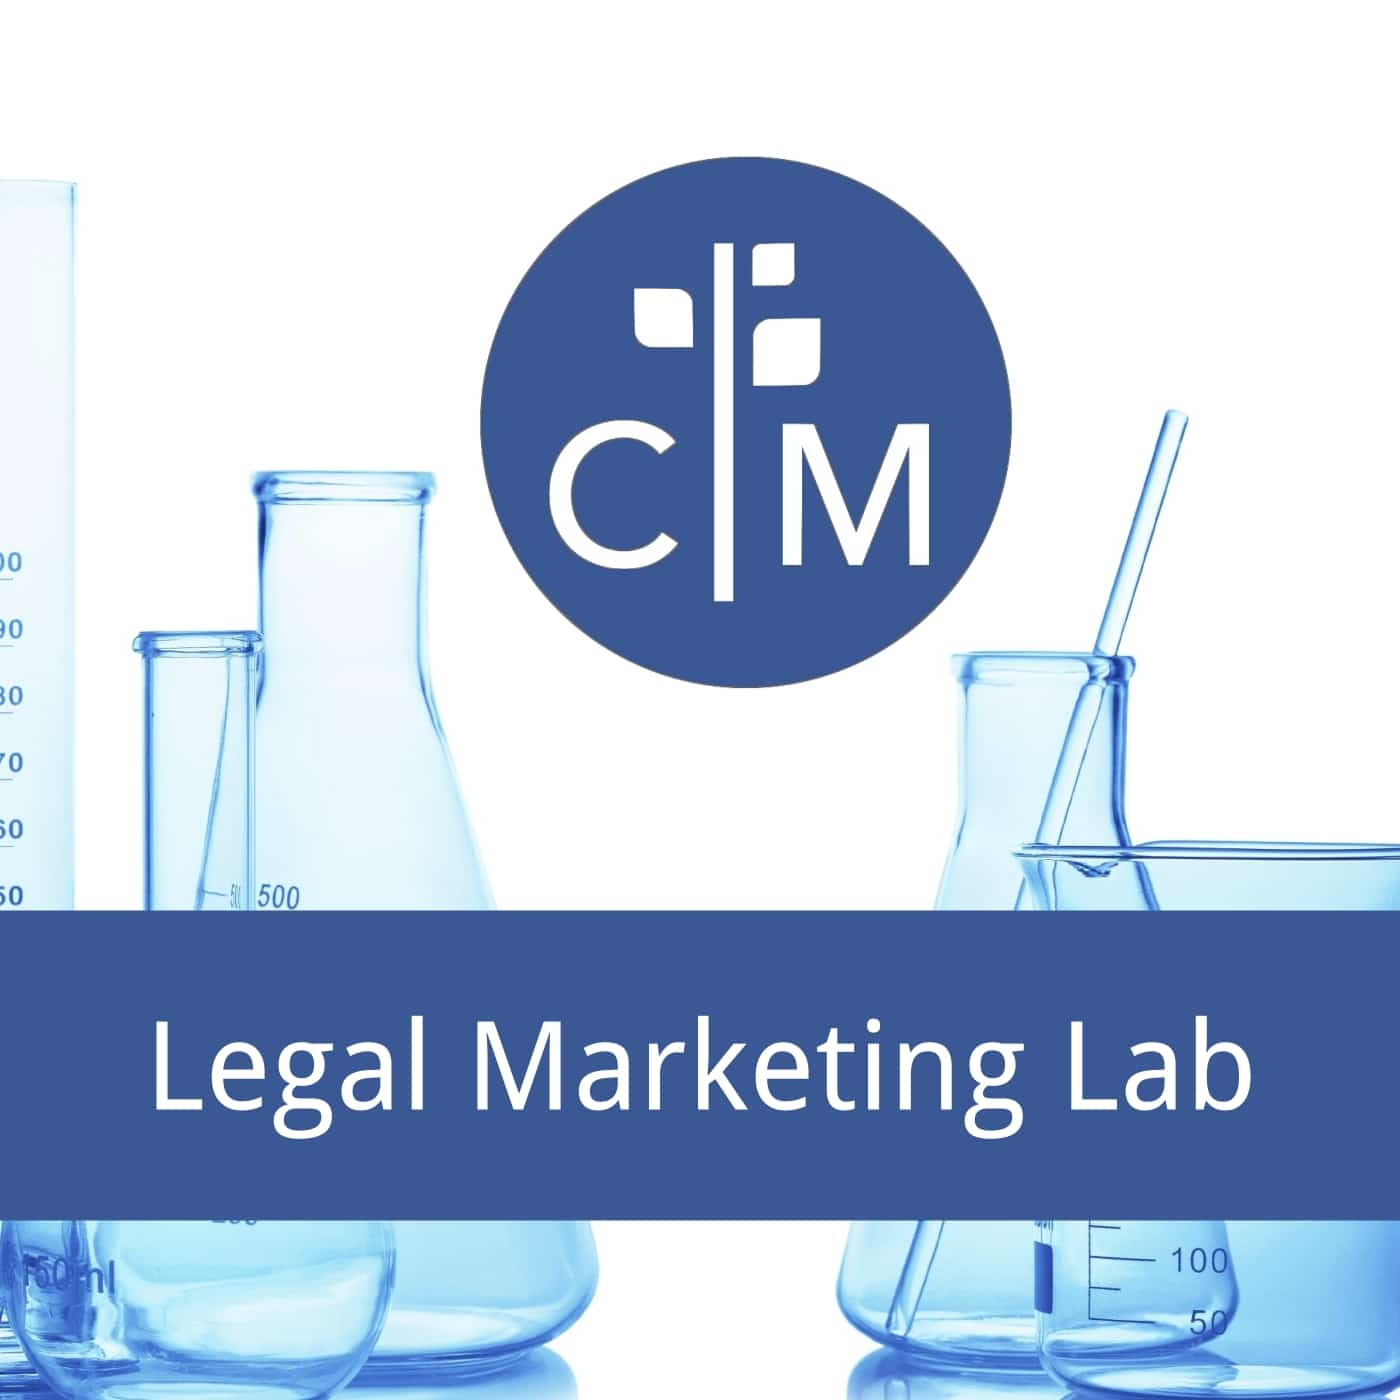 Legal Marketing Lab